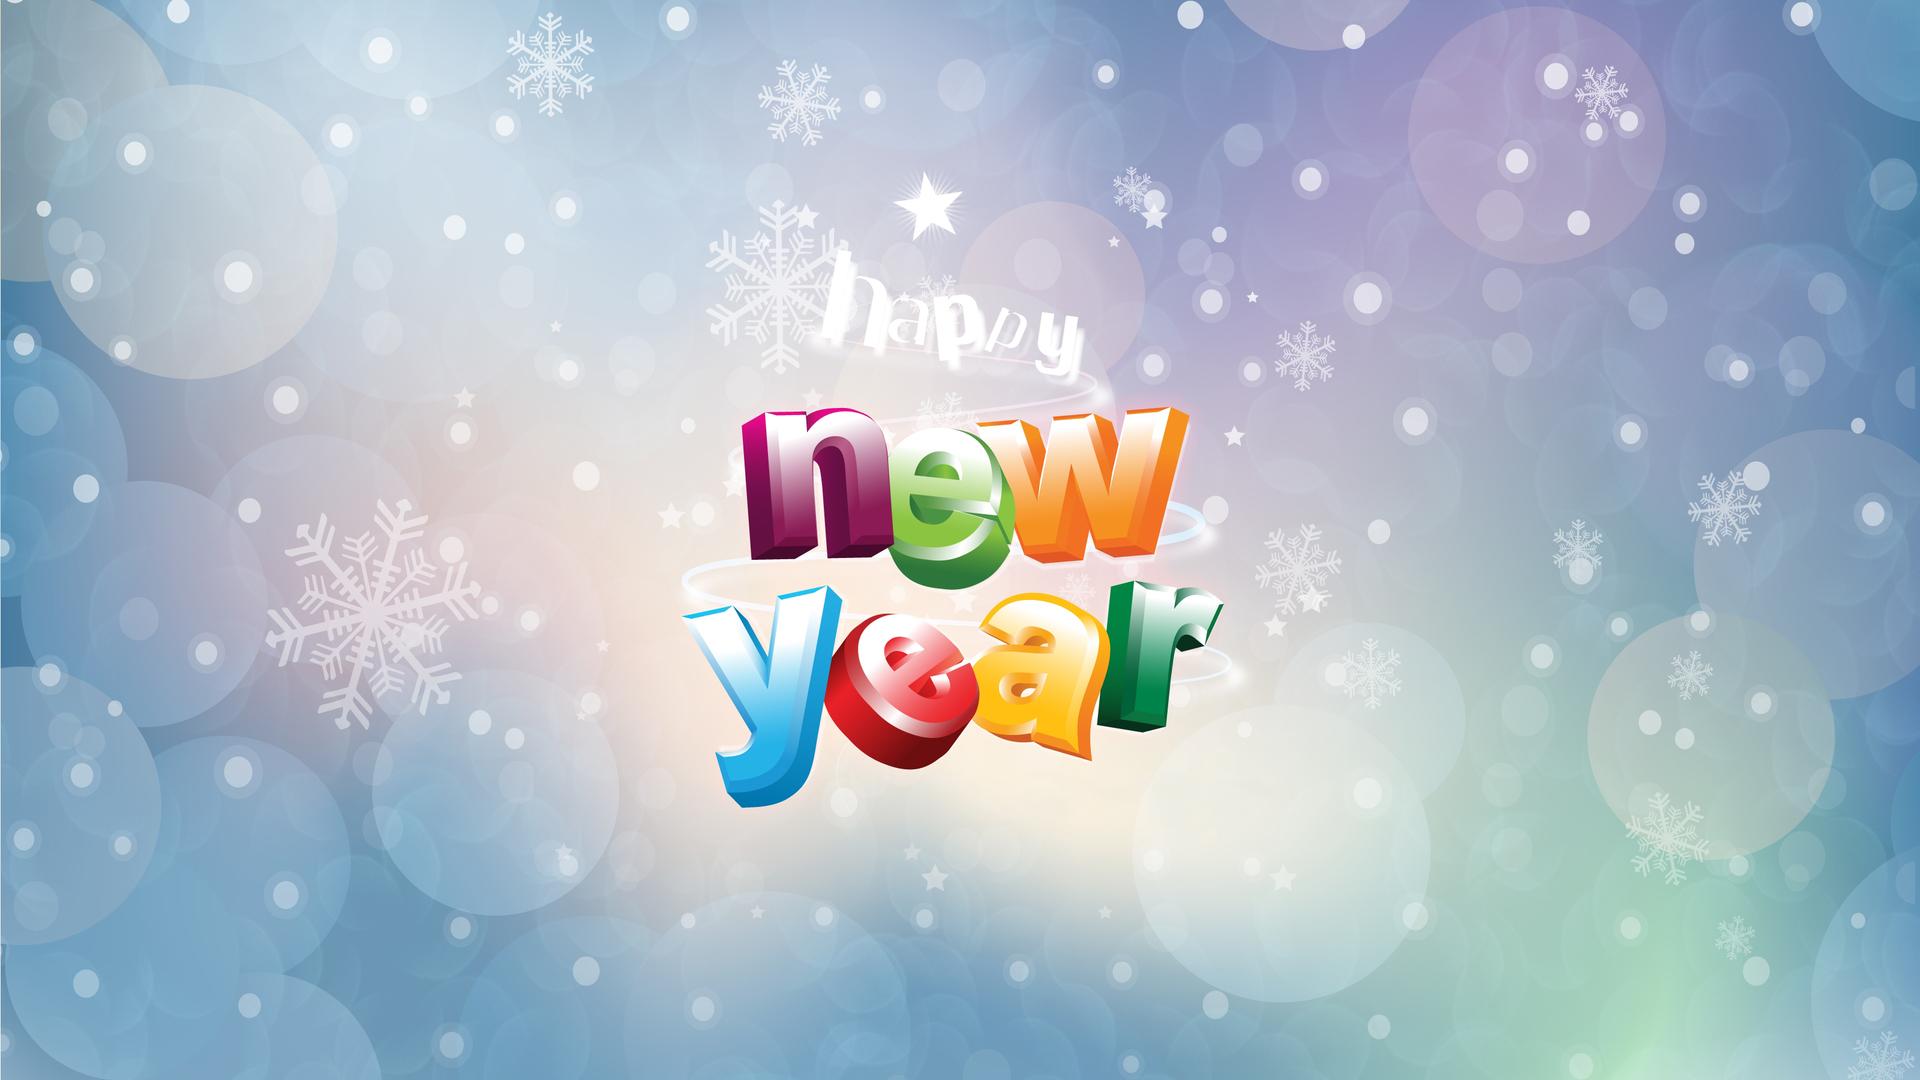 """新年雪花背景PPT背景图片免费下载是由PPT宝藏(www.pptbz.com)会员zengmin上传推荐的节日PPT背景图片, 更新时间为2016-10-06,素材编号104860。 新年,即新一年的第一天或若干天,为世界多数国家通行的节日。世界各国,特别是古代都有不同的日期,现代世界多数国家为公元制纪年的1月1日。在中国古代,也称元旦,现代将""""元旦""""称为公历新年,将""""春节""""称为农历新年。当日,人们会以各种不同的方式庆祝新年的到来。 在中国,由于实行两种不同的历法,新年有不同的定义。 按照中国阴历"""